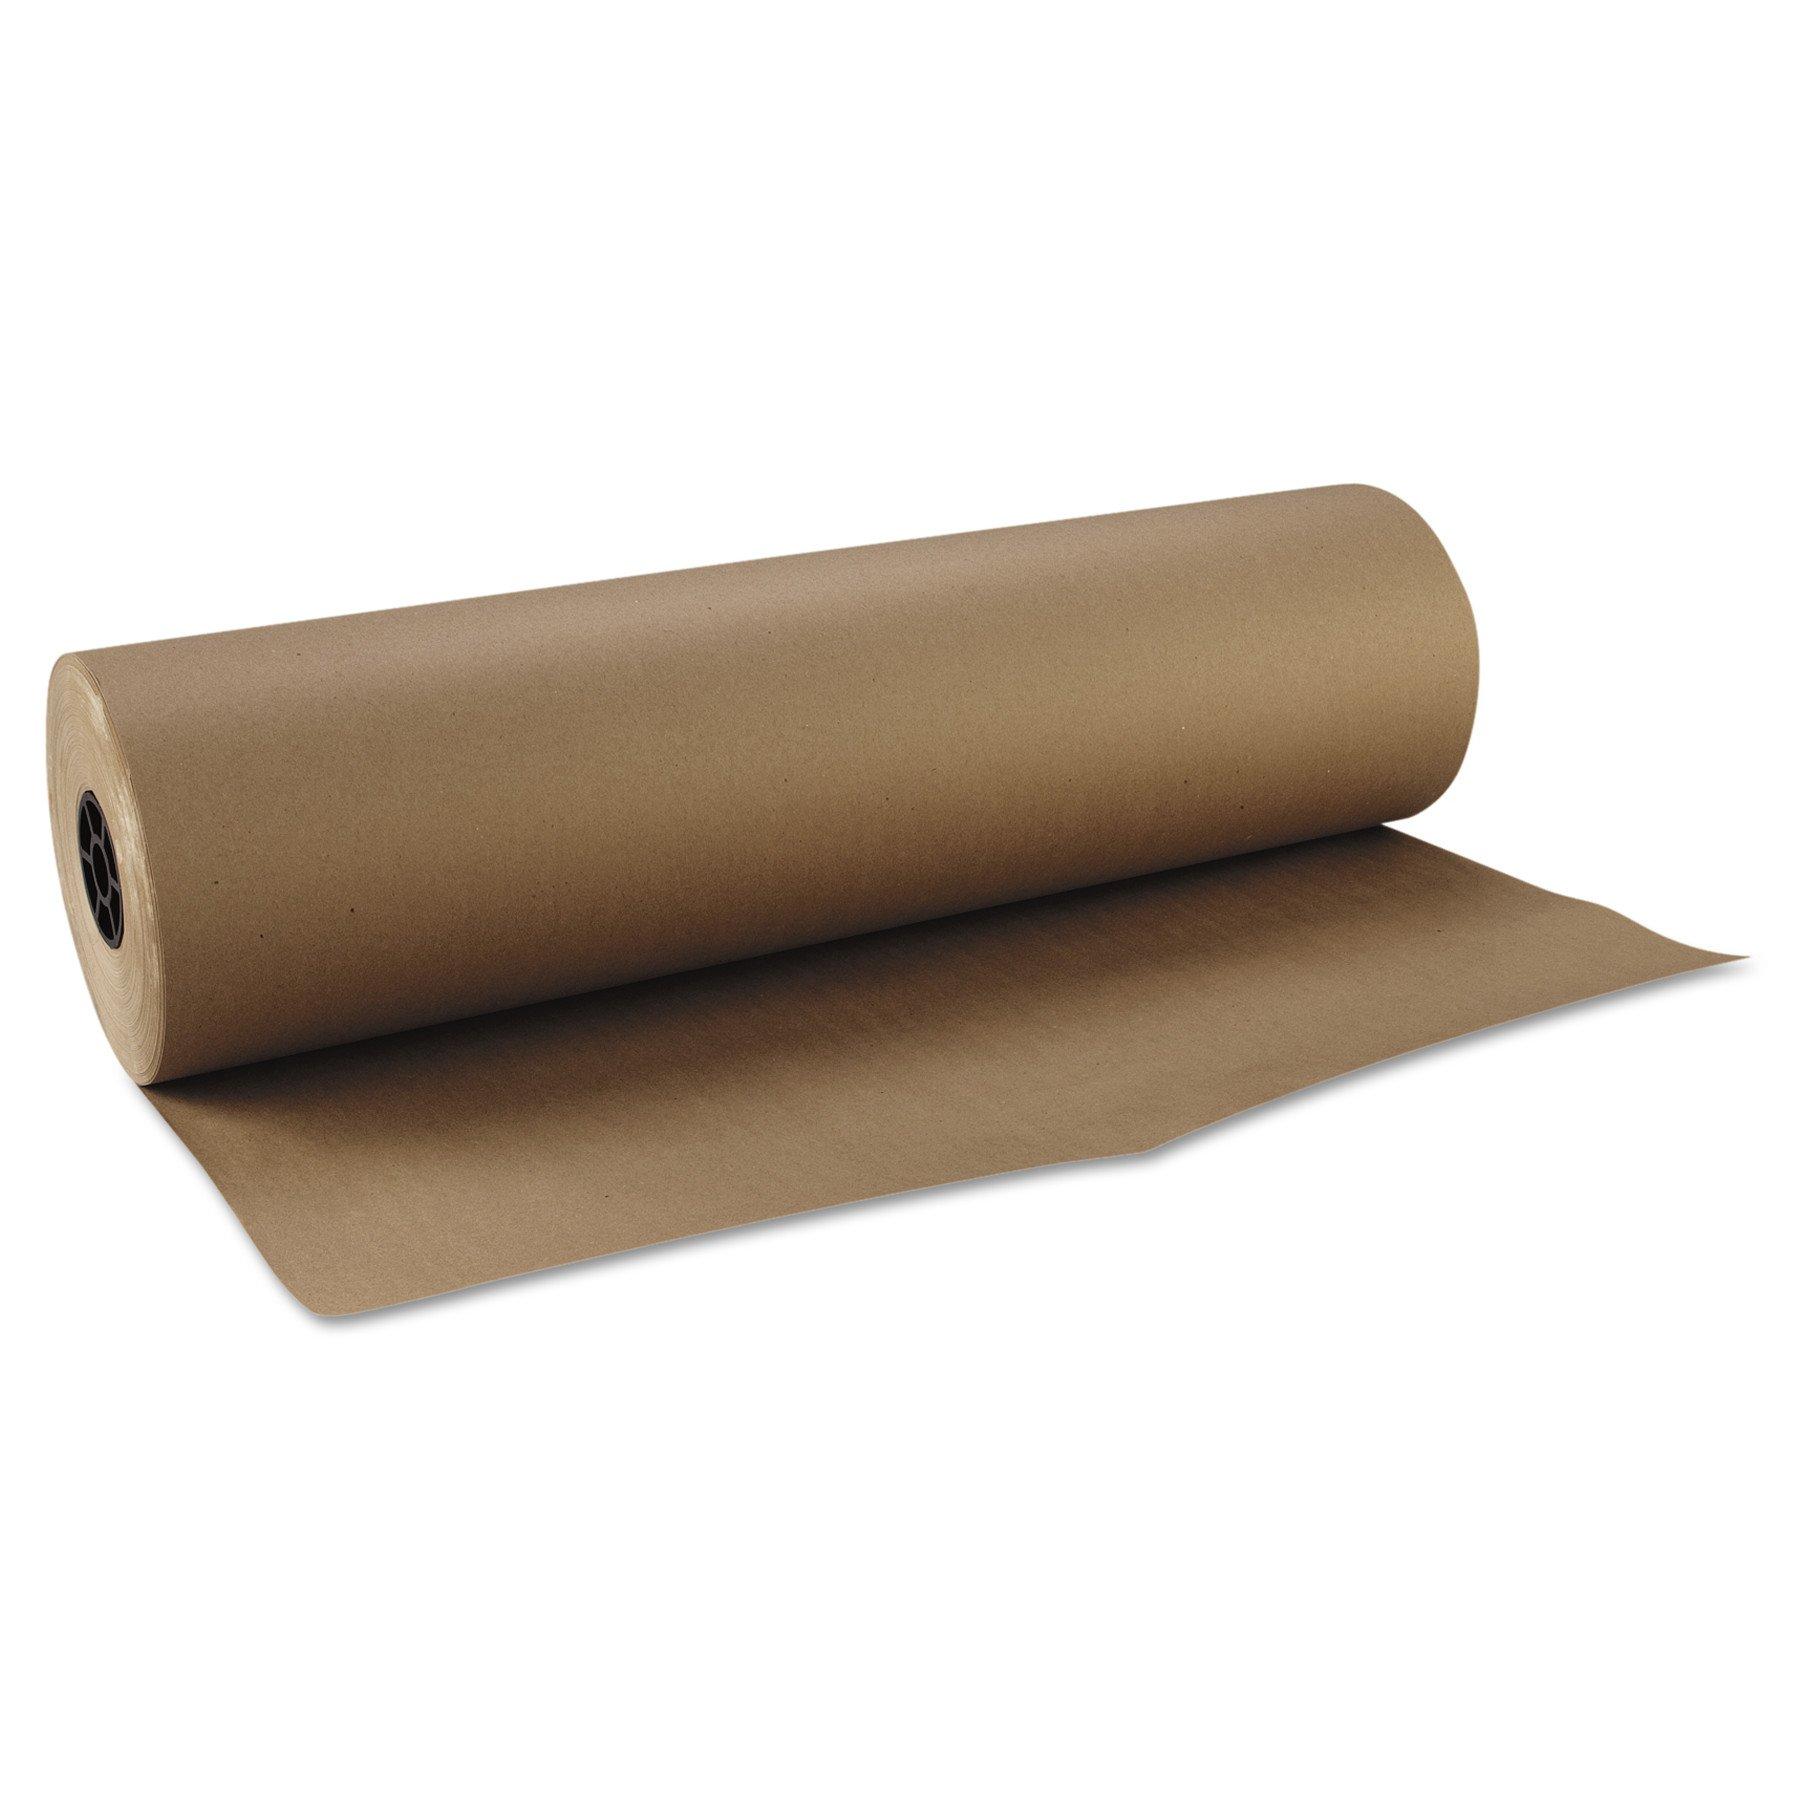 Boardwalk K3040765 Kraft Paper, 30 in x 765 ft, Brown